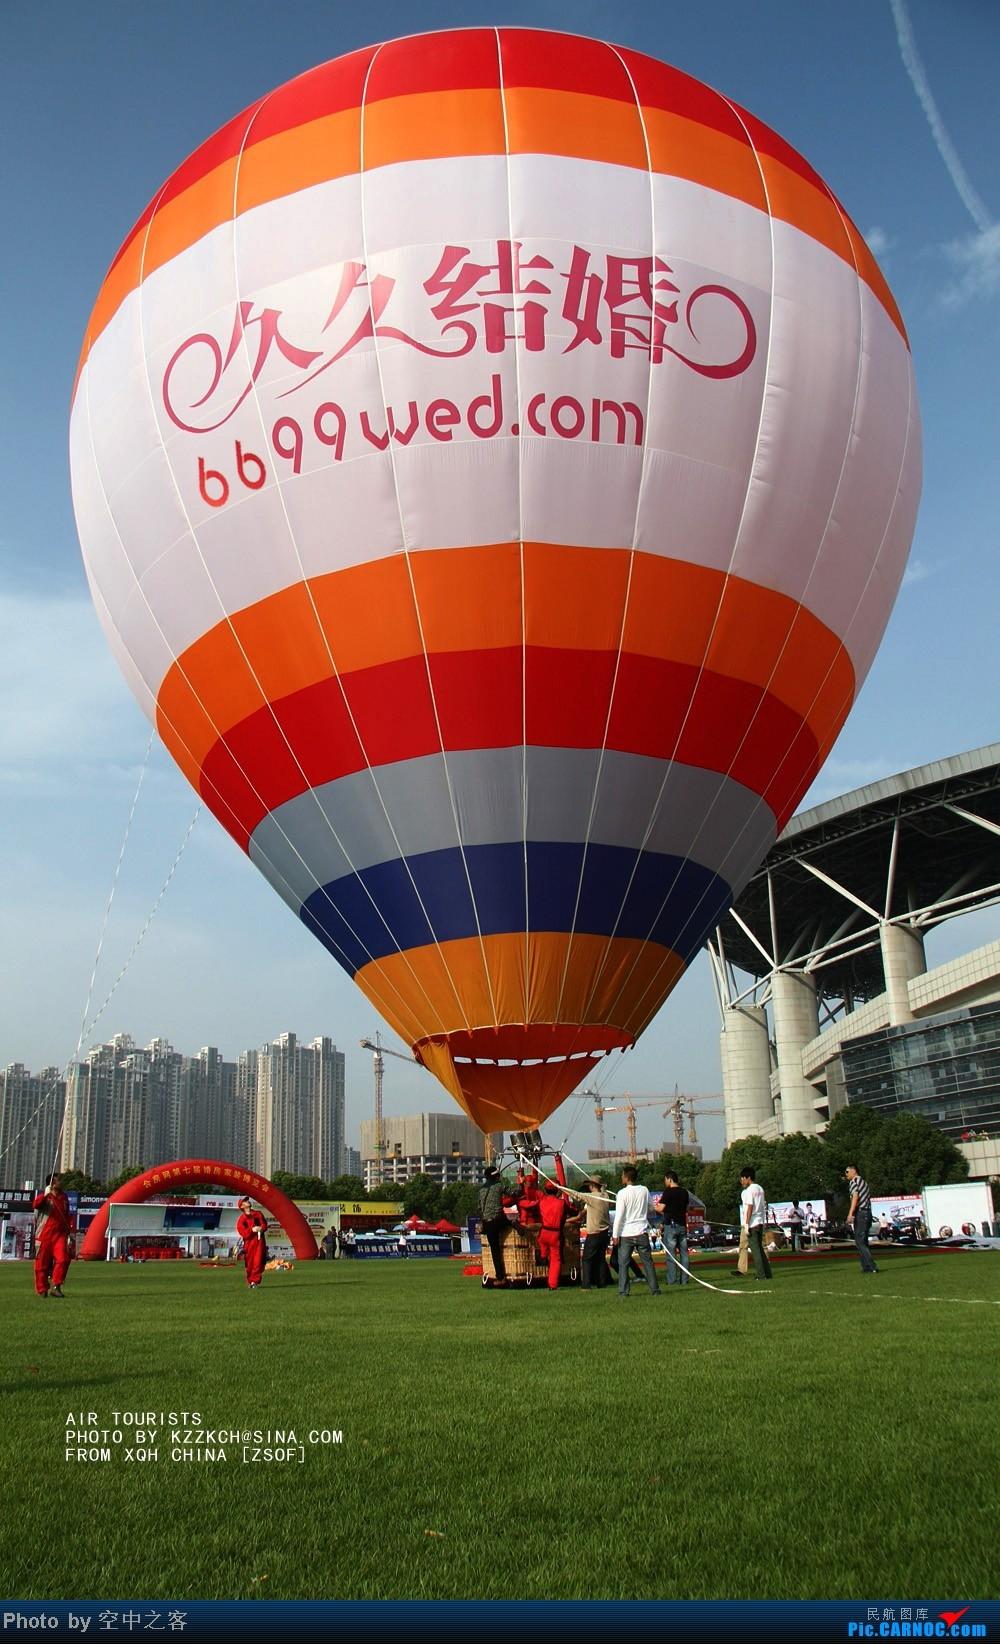 合肥闪亮气球装饰艺术有限公司_顺企网